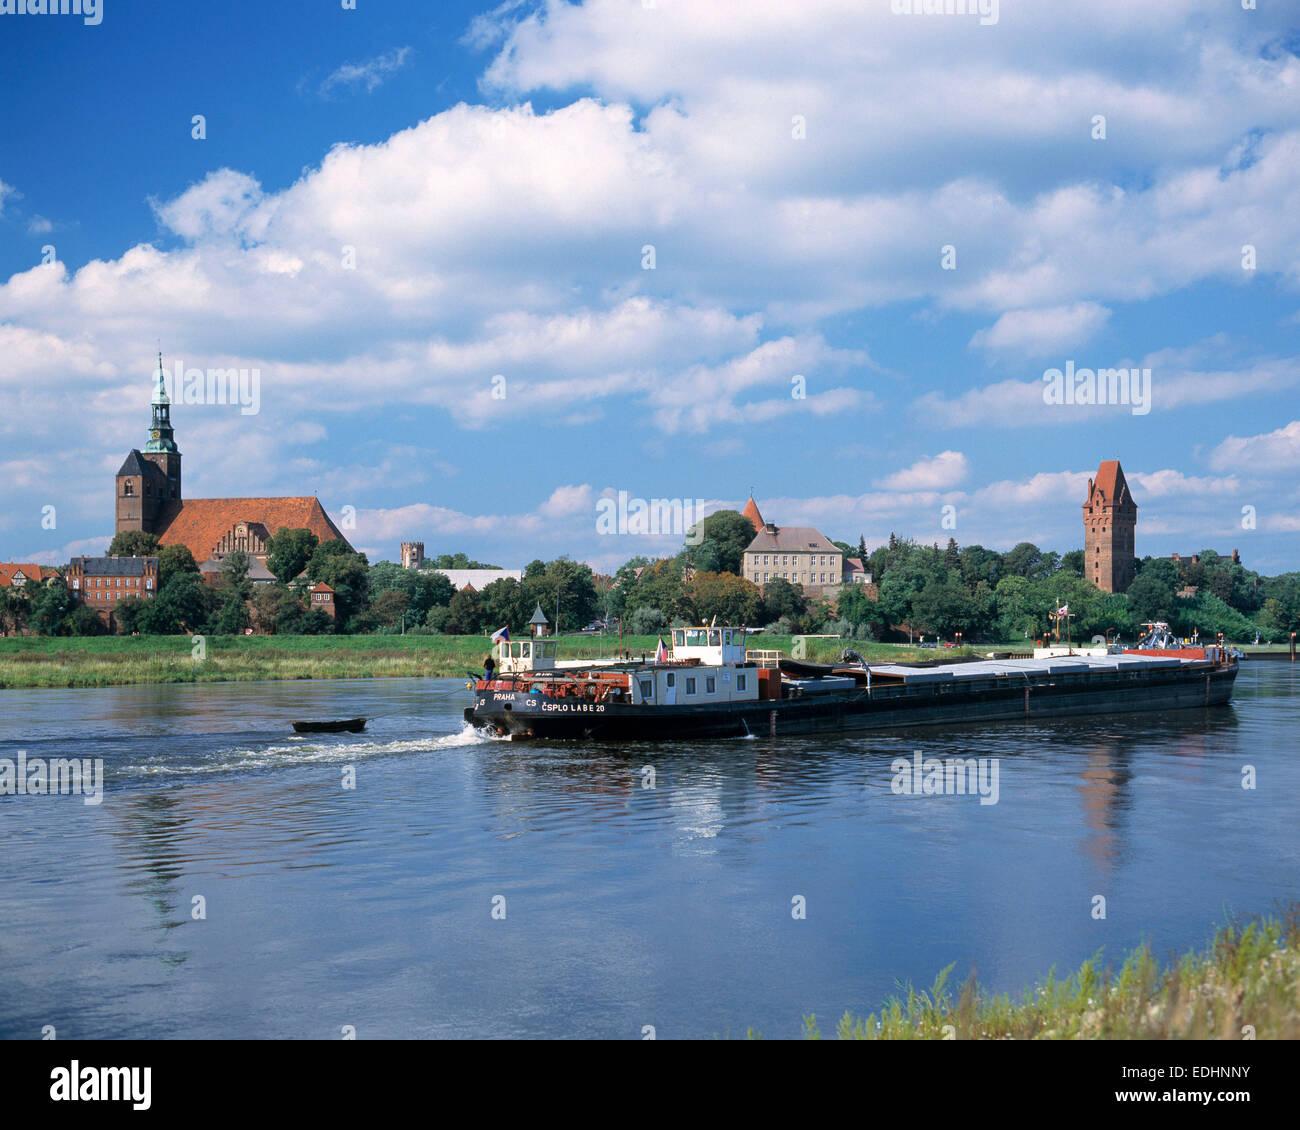 Flusslandschaft der Elbe und Stadtsilhouette mit Stephanskirche, Burg und Kapitelturm, Tangermuende, Altmark, Sachsen Stock Photo